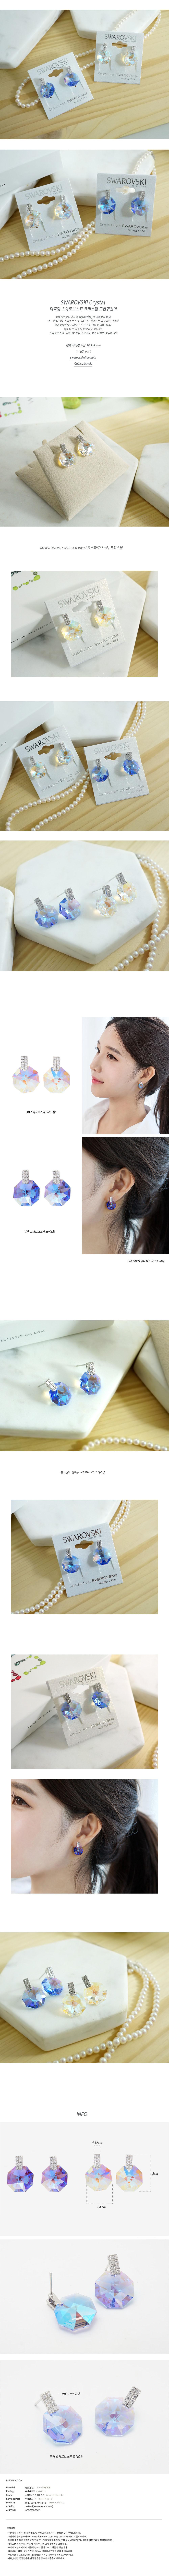 SE080373 팔각형 스와로브스키 크리스탈 귀걸이 - 비욘드라이프, 12,500원, 진주/원석, 드롭귀걸이